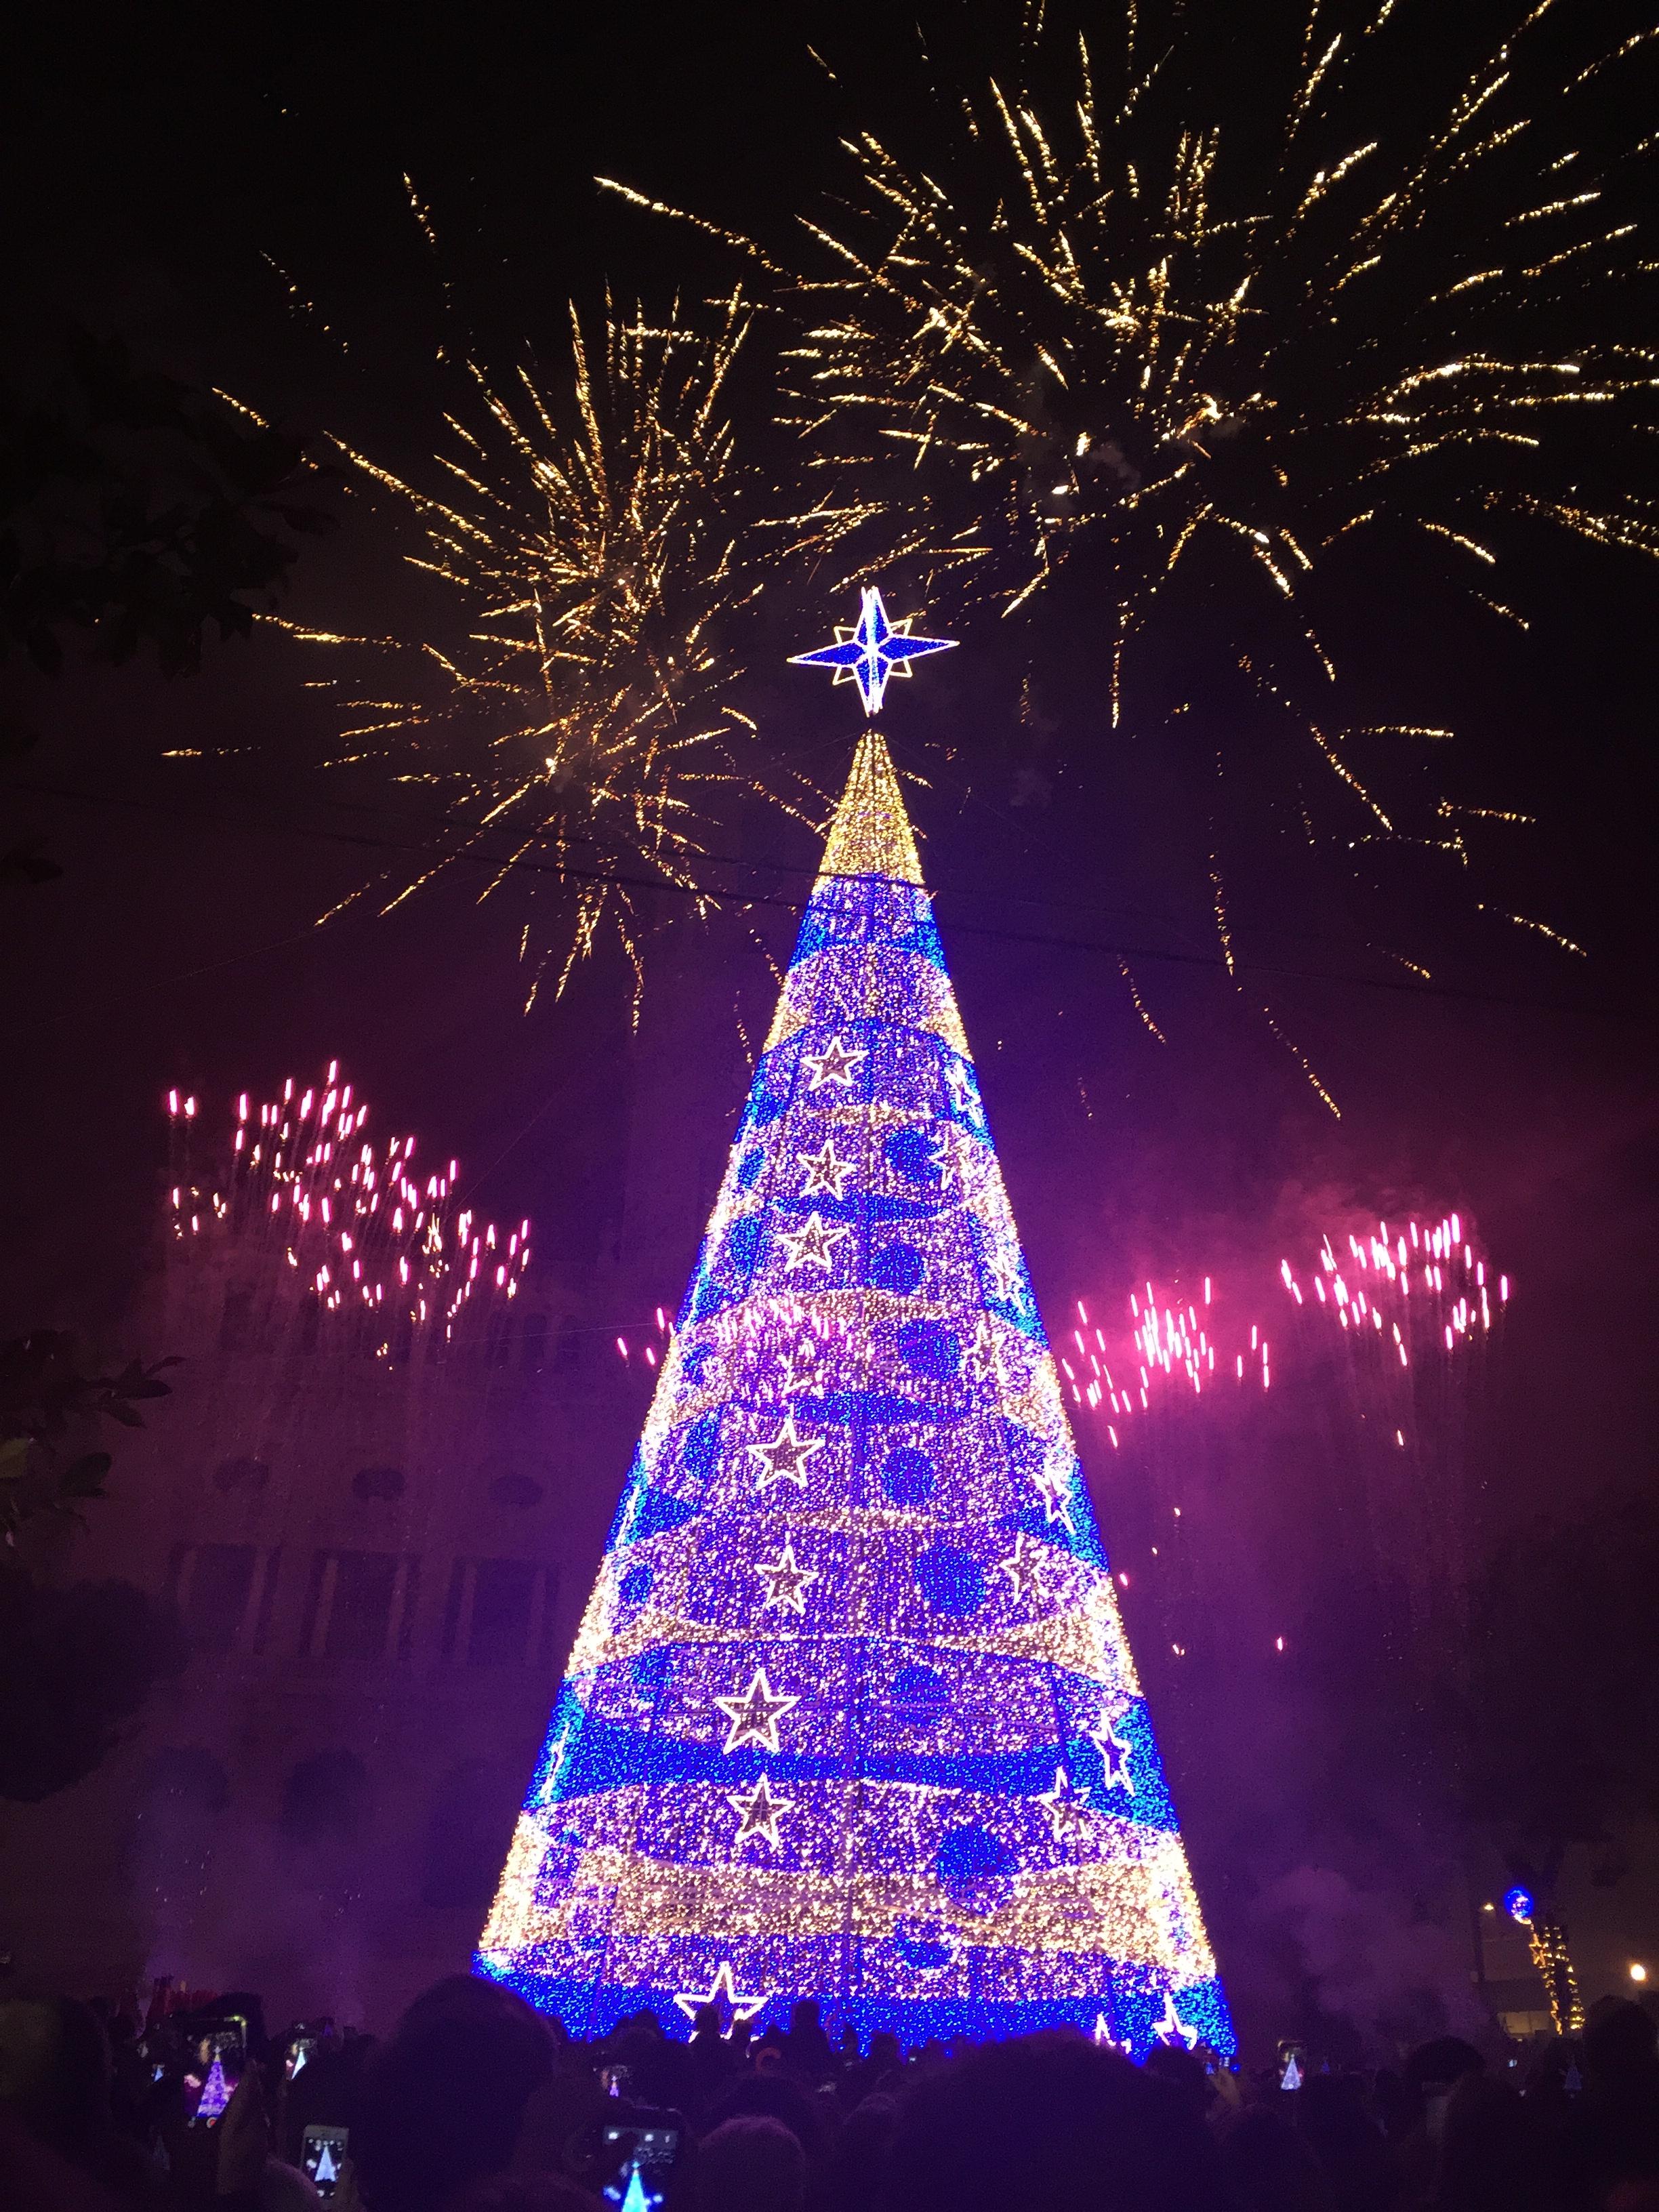 전 세계에서 보내온 반짝반짝 크리스마스 풍경!